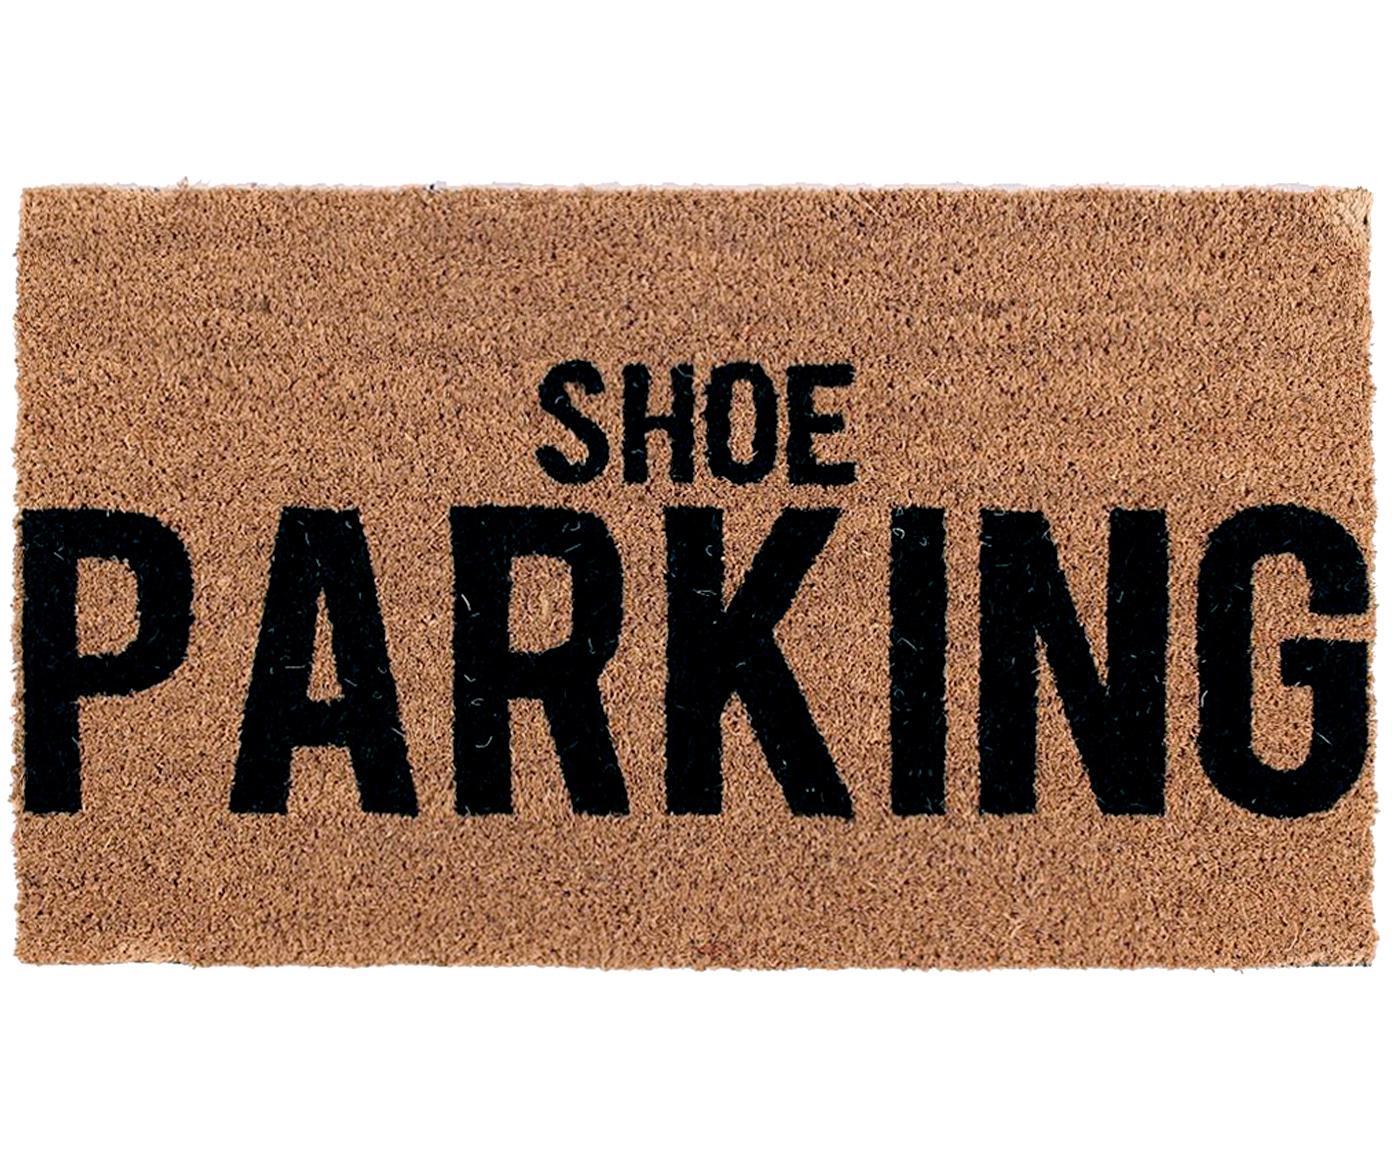 Deurmat Shoe Parking, Bovenzijde: kokosvezels, Onderzijde: PVC, Bruin, zwart, 40 x 70 cm